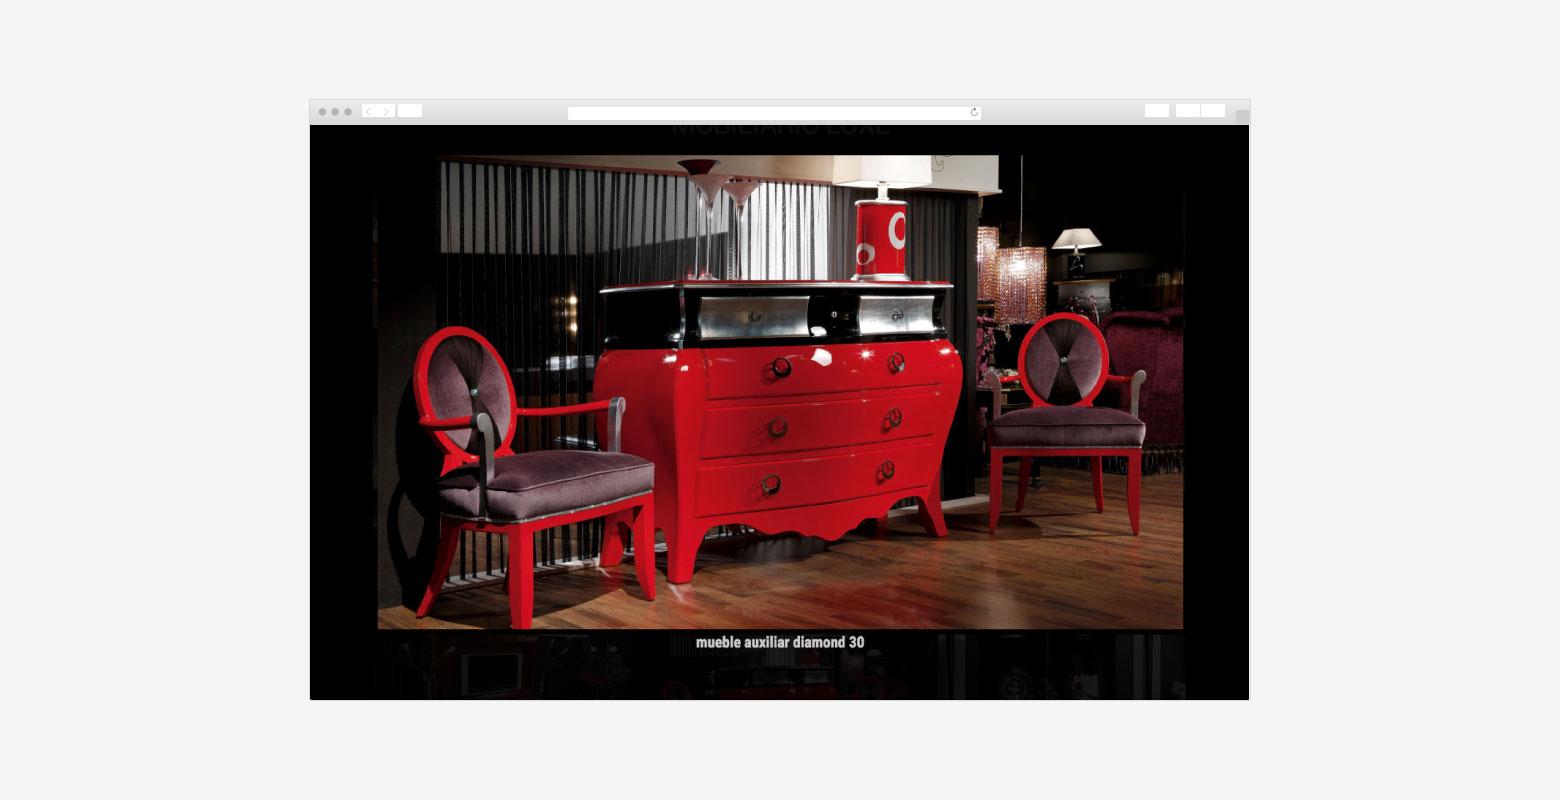 diseno-web-tienda-muebles-05